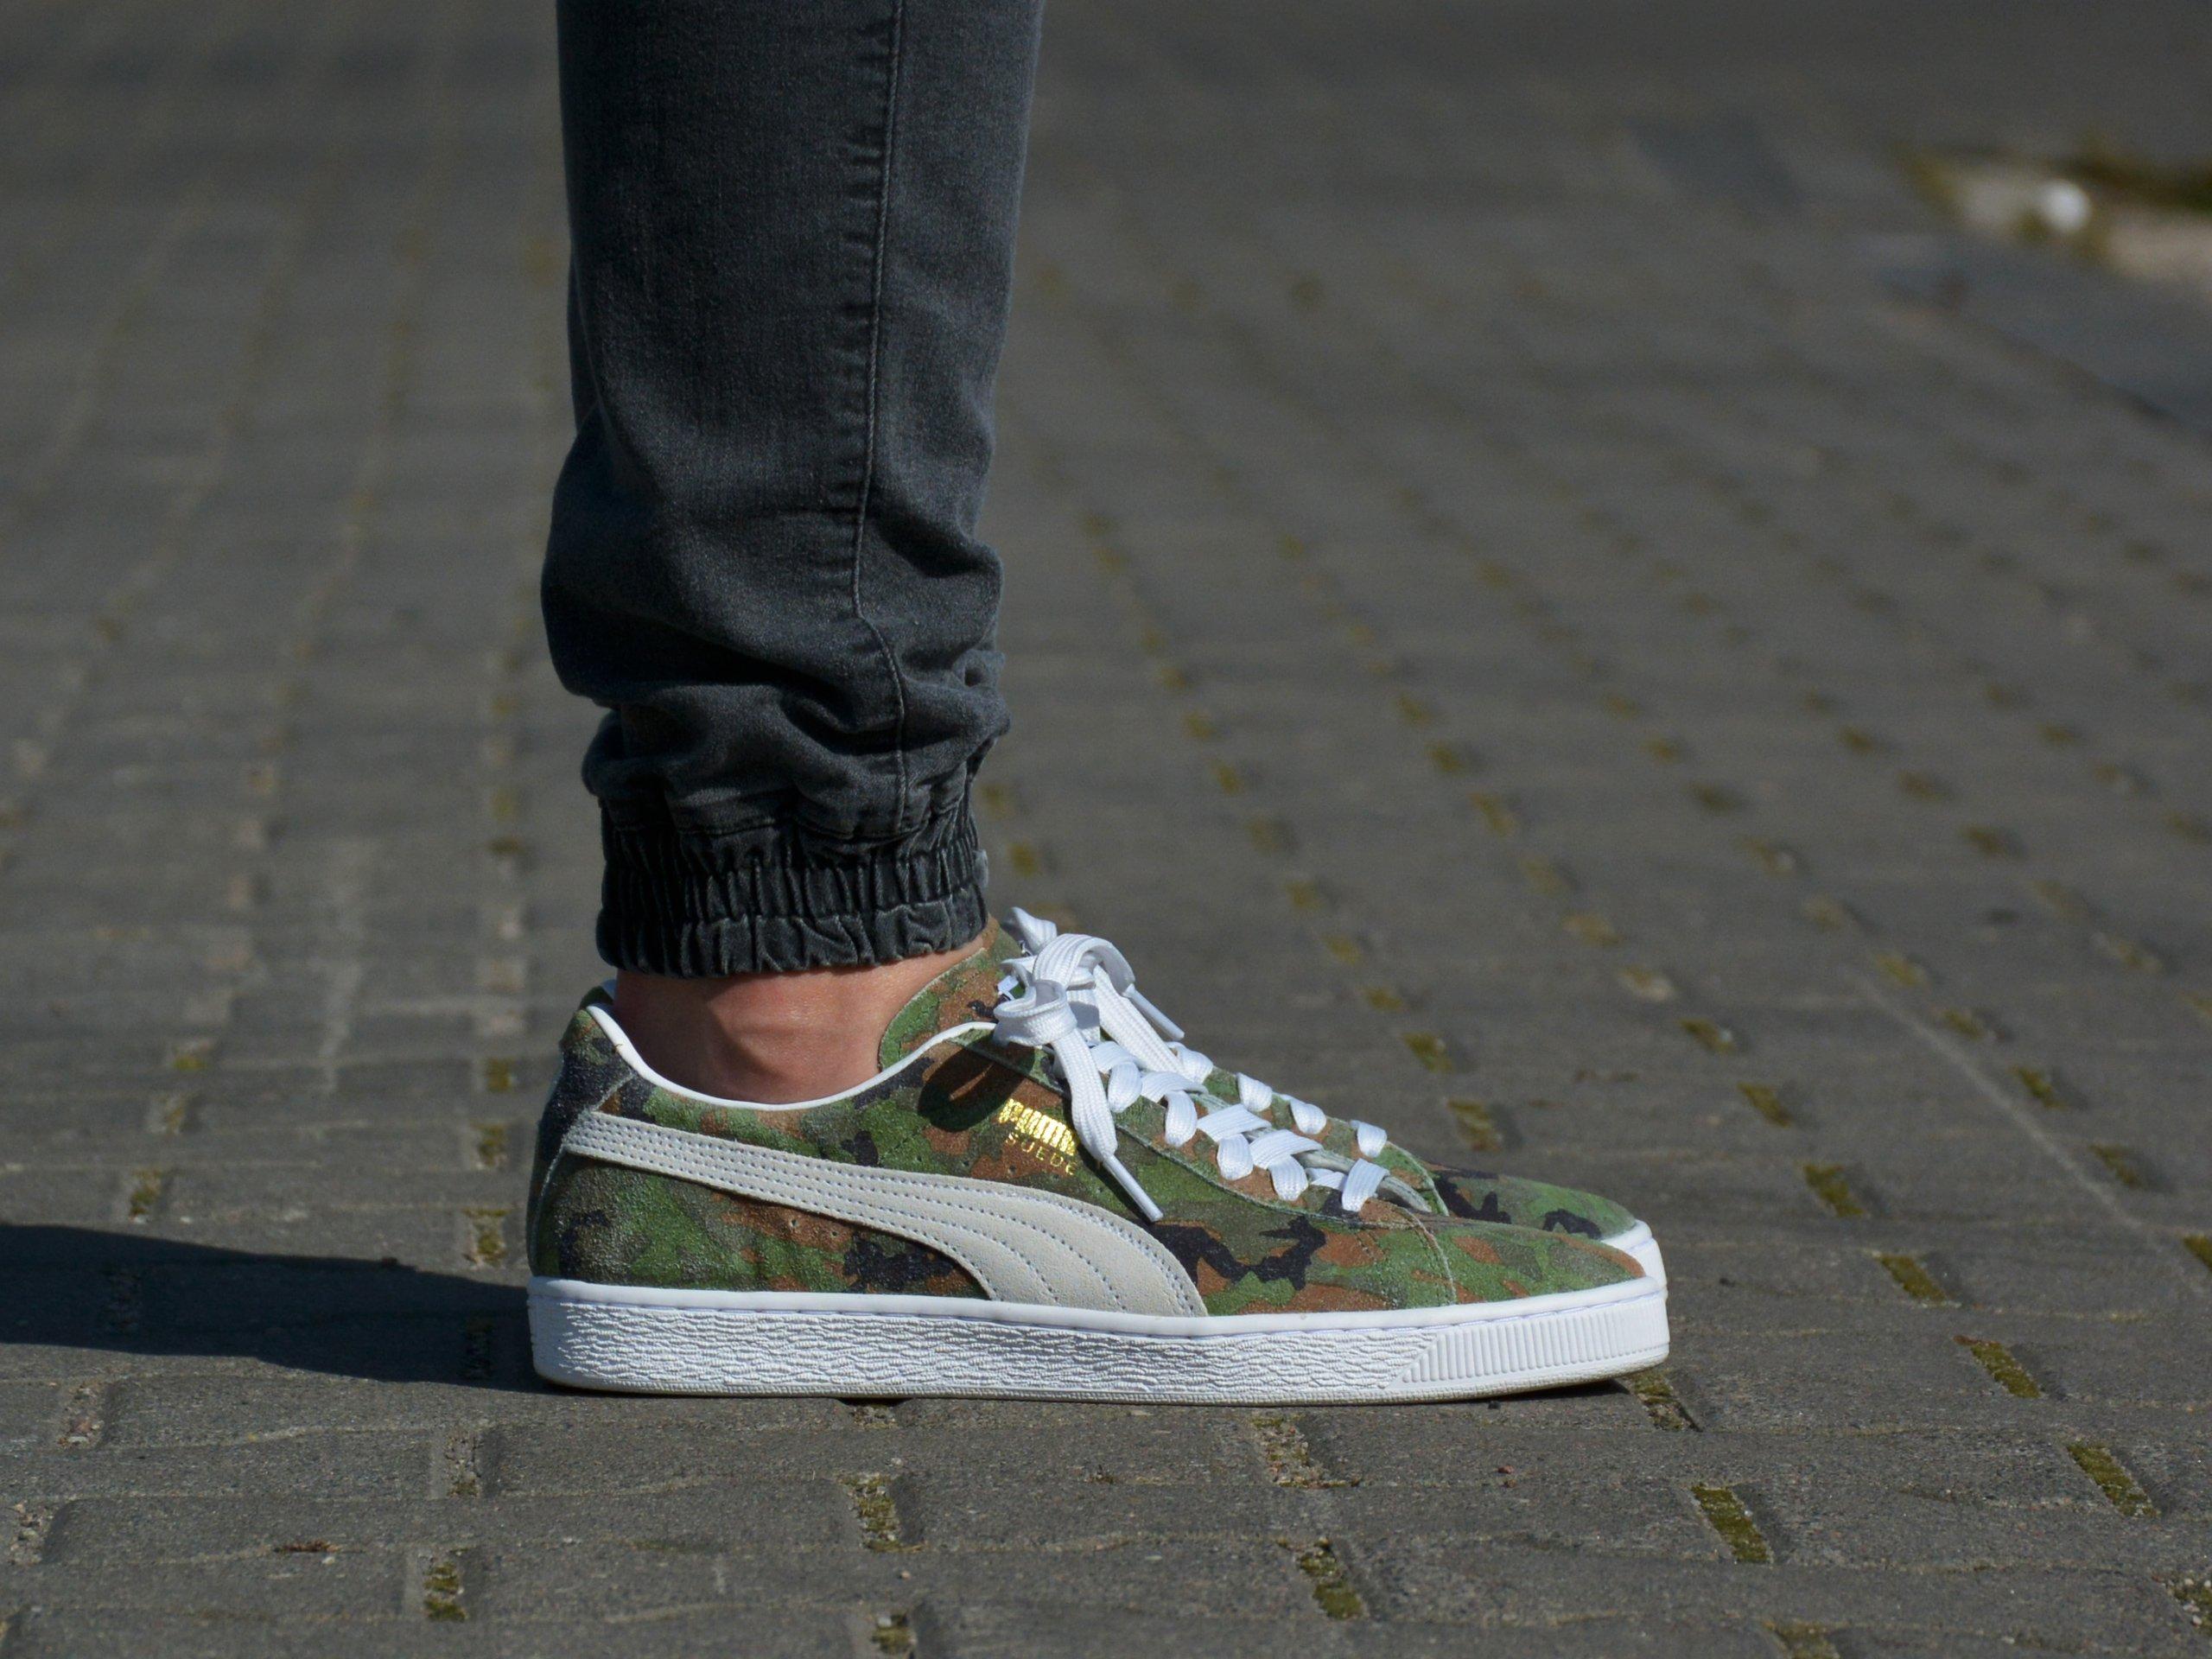 Puma - Suede Classic Ambush 369626-01 - Sneakers - Green / White ...